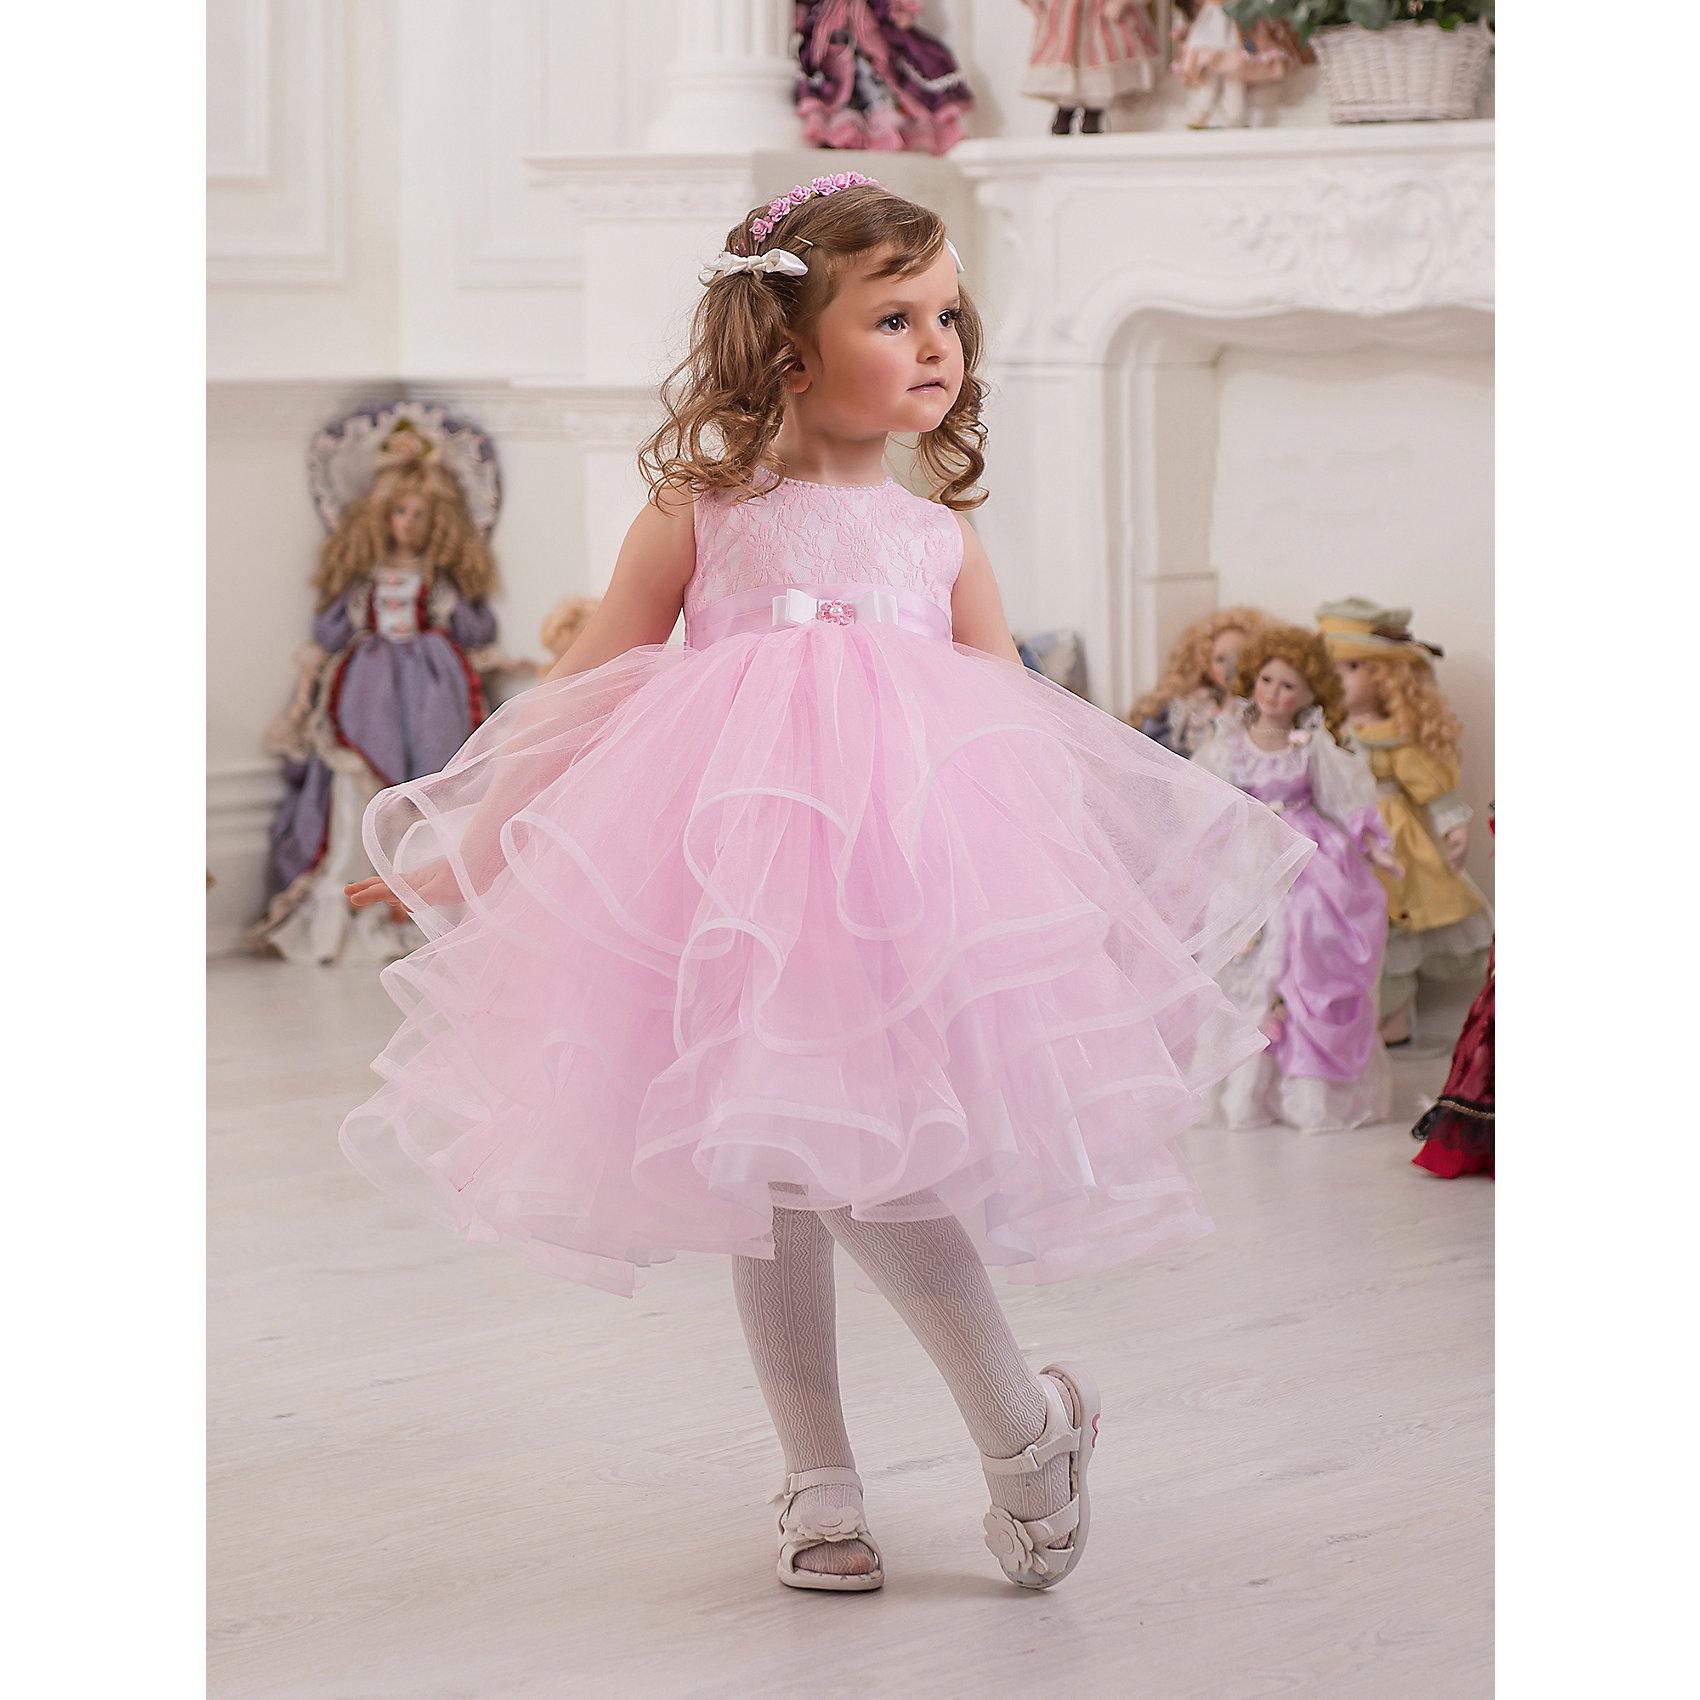 Платье нарядное ПрестижОдежда<br>Платье для девочки Престиж.<br><br>Характеристики:<br><br>• пышный силуэт<br>• без рукавов<br>• состав: 100% полиэстер<br>• цвет: светло-розовый<br><br>Платье для девочки Престиж - пышное и короткое. Пышная юбка и лиф, украшенный вышивкой, дополнены красивым поясом. Это платье создано специально для маленьких принцесс!<br><br>Платье регулируется шнуровкой сзади, от талии до верха спинки. Шнуровка в комплекте.<br>Платье подходит для занятий бальными танцами.<br><br>Платье для девочки Престиж вы можете купить в нашем интернет-магазине.<br><br>Ширина мм: 236<br>Глубина мм: 16<br>Высота мм: 184<br>Вес г: 177<br>Цвет: светло-розовый<br>Возраст от месяцев: 48<br>Возраст до месяцев: 60<br>Пол: Женский<br>Возраст: Детский<br>Размер: 110,104,116<br>SKU: 5158413